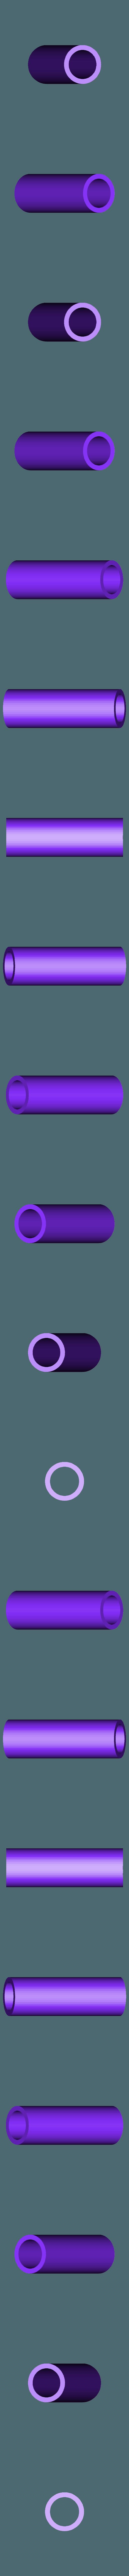 75mm_long_25mm_wide_tube.stl Télécharger fichier STL gratuit Sci-fi Réseau de tuyaux modulaire pour les paysages de wargaming • Objet à imprimer en 3D, redstarkits